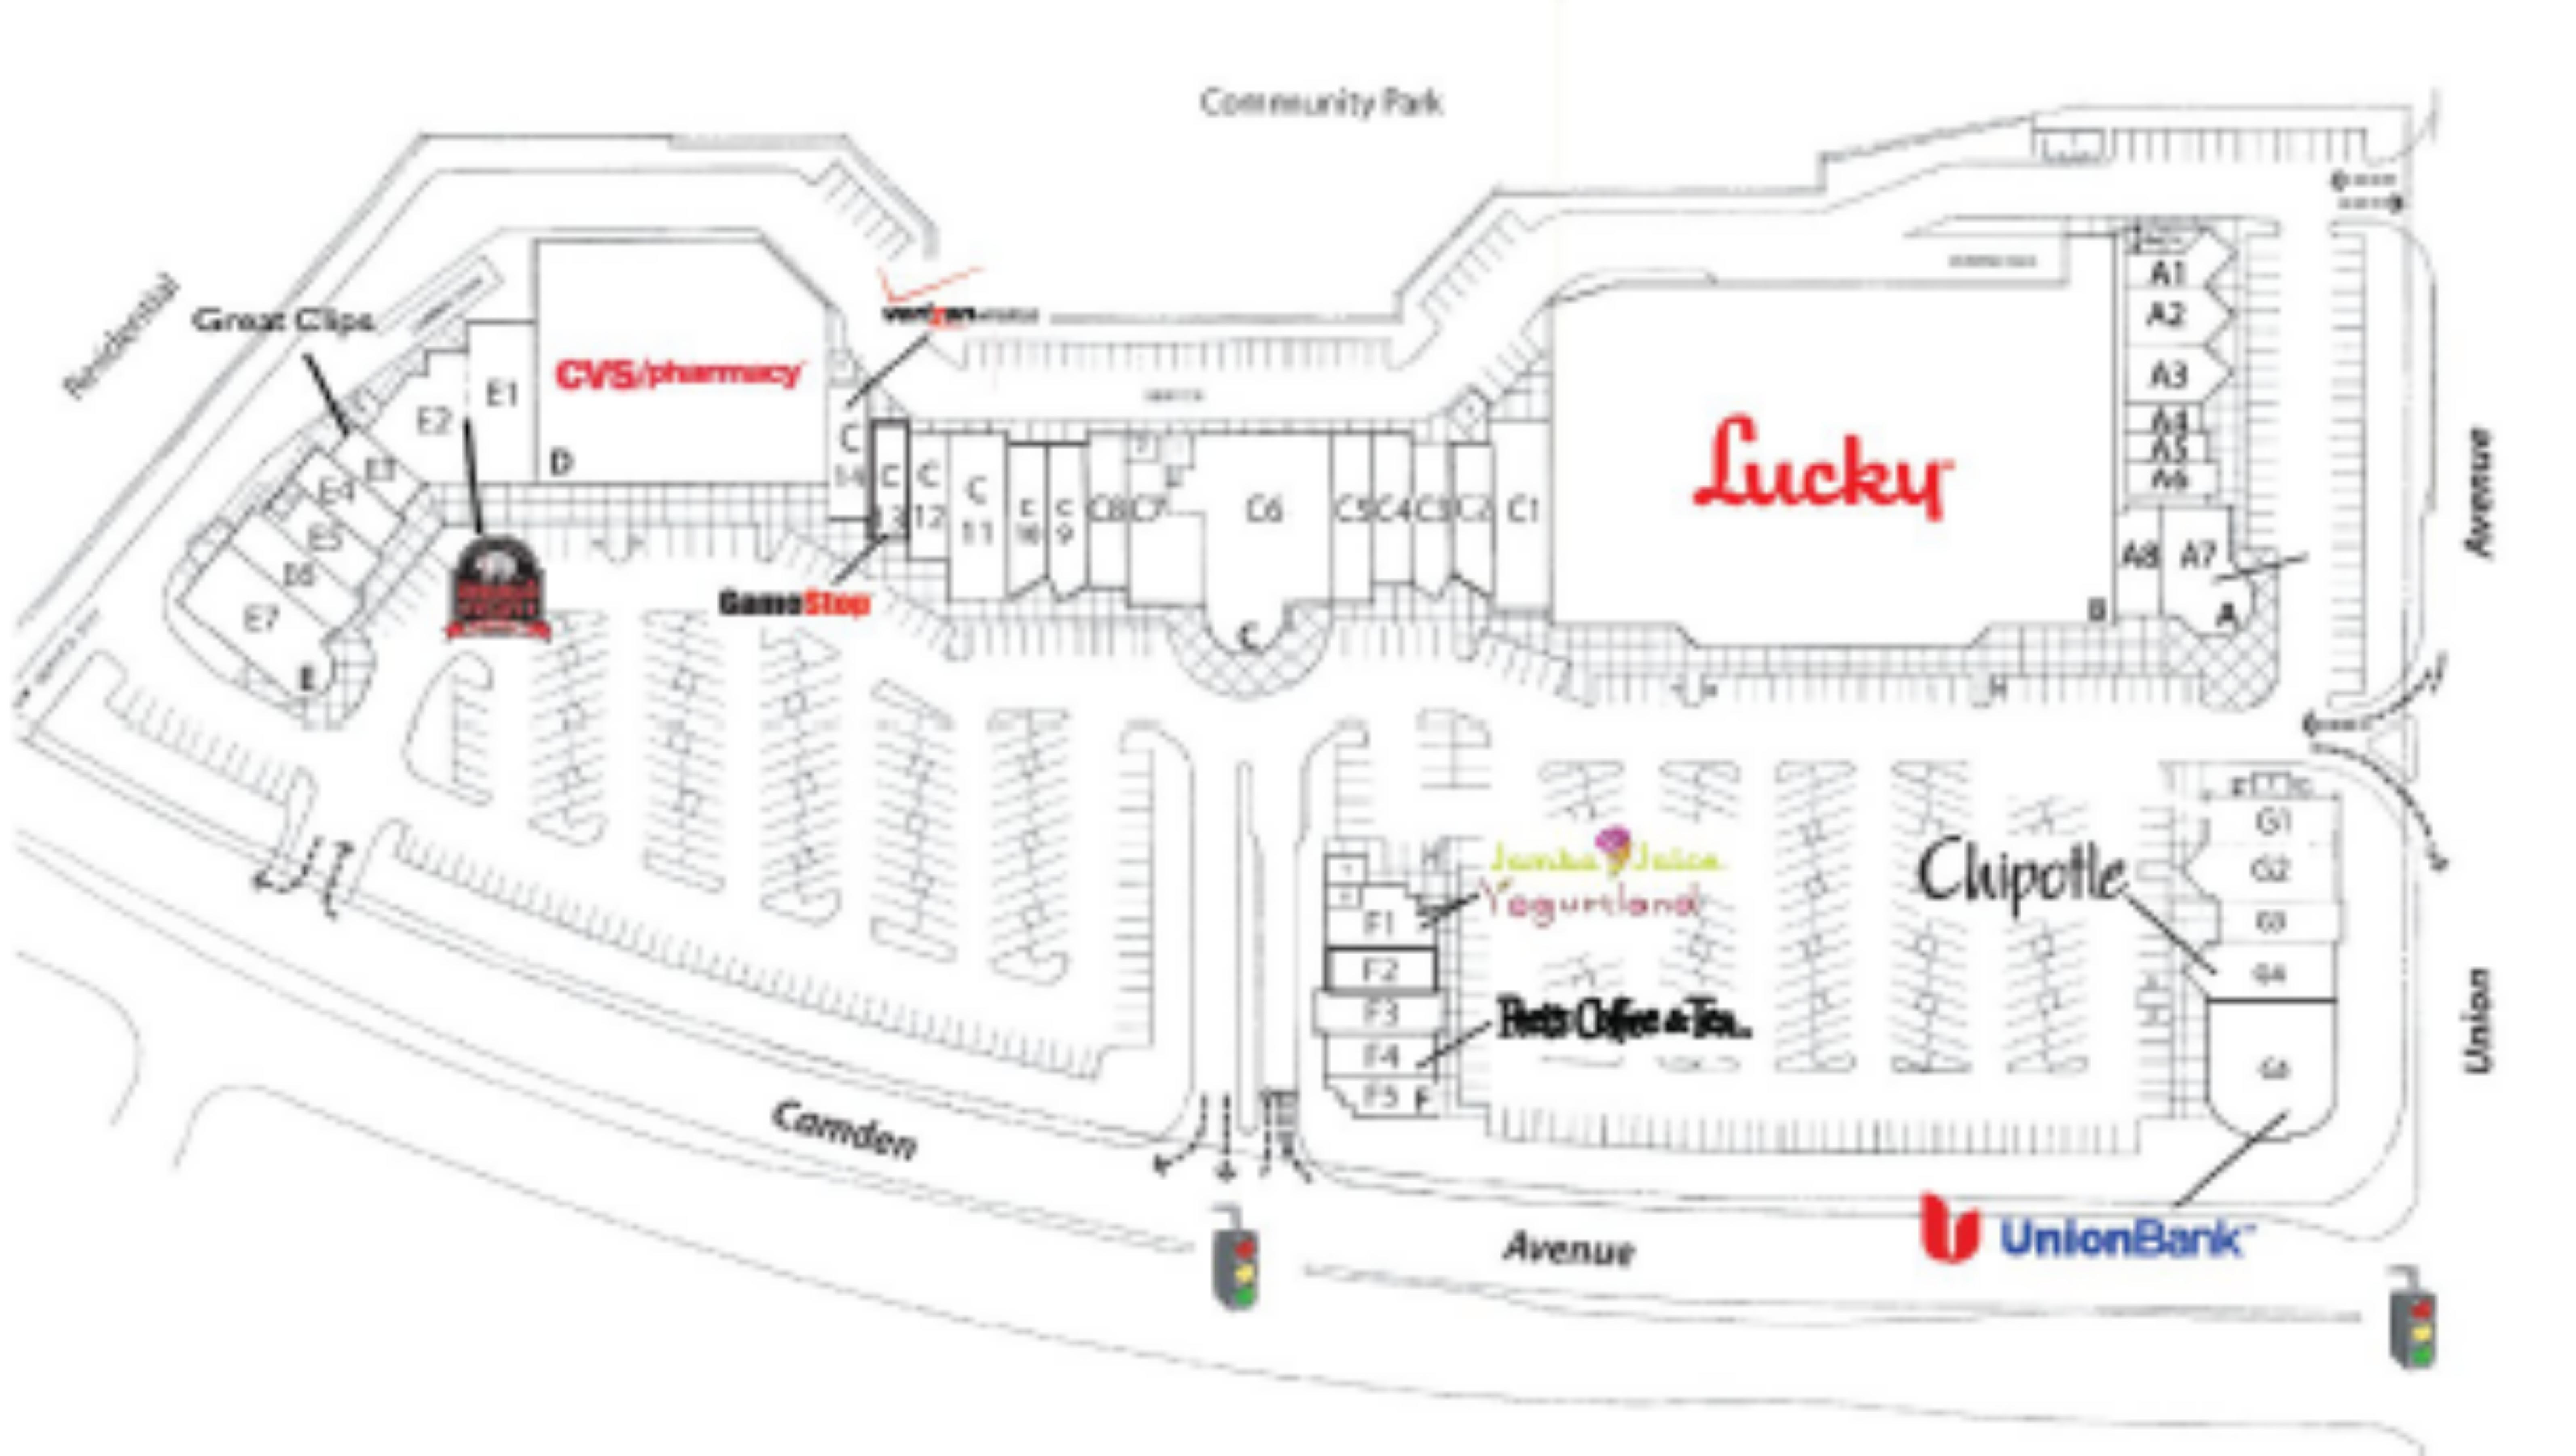 Camden Park Shopping Center: site plan